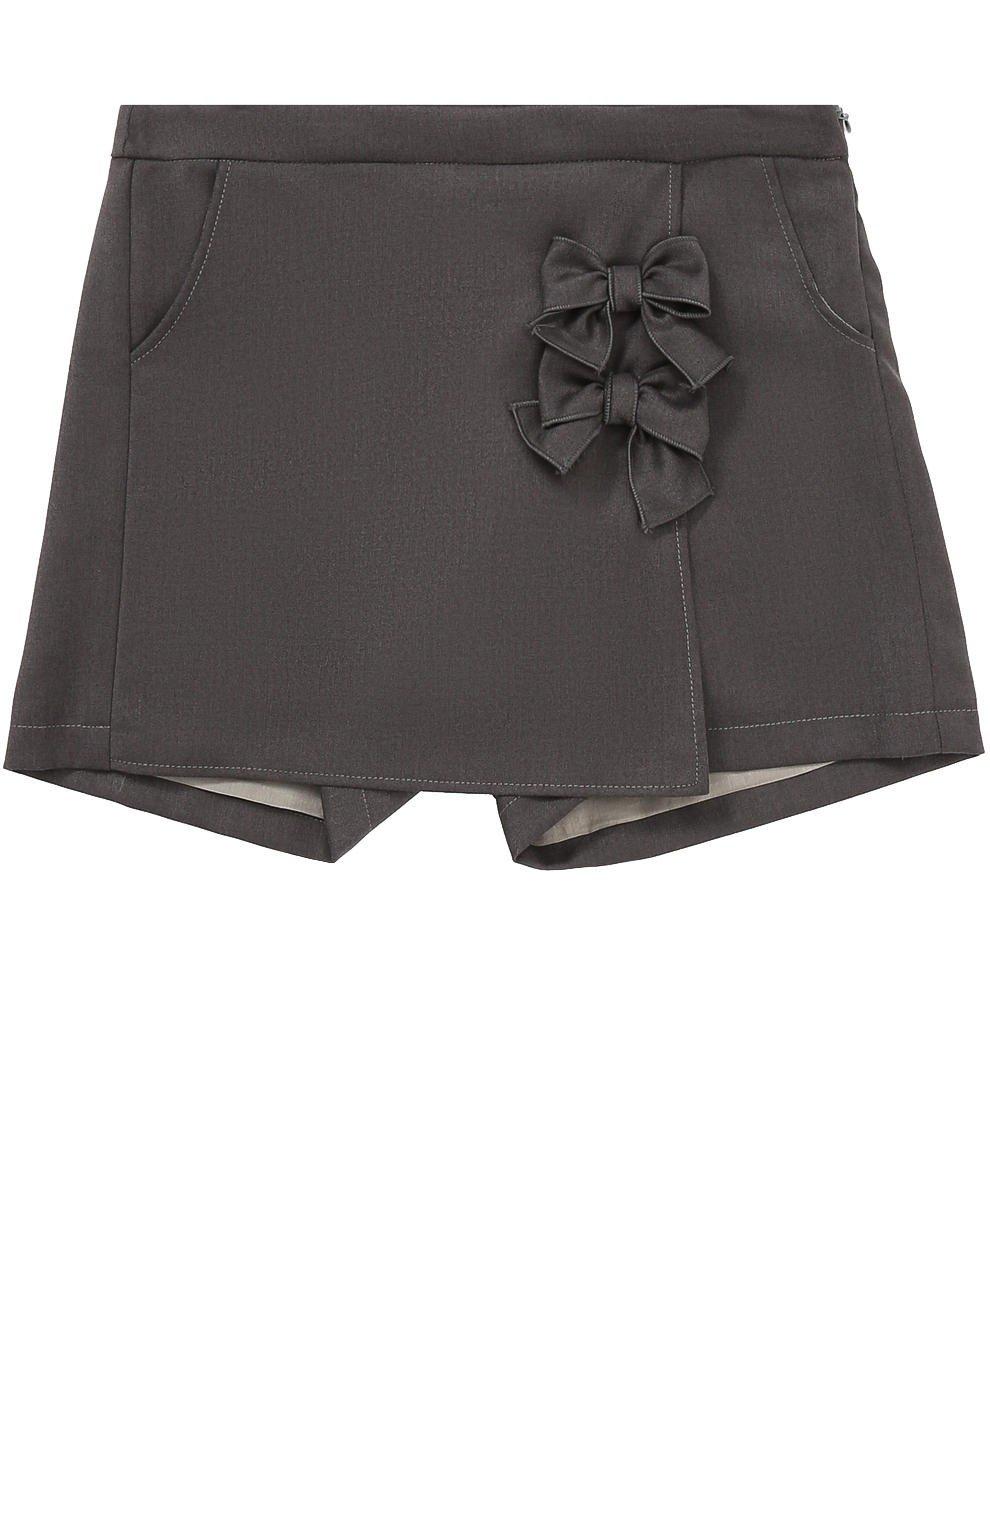 серая юбка-шорты с бантиками с чем носить